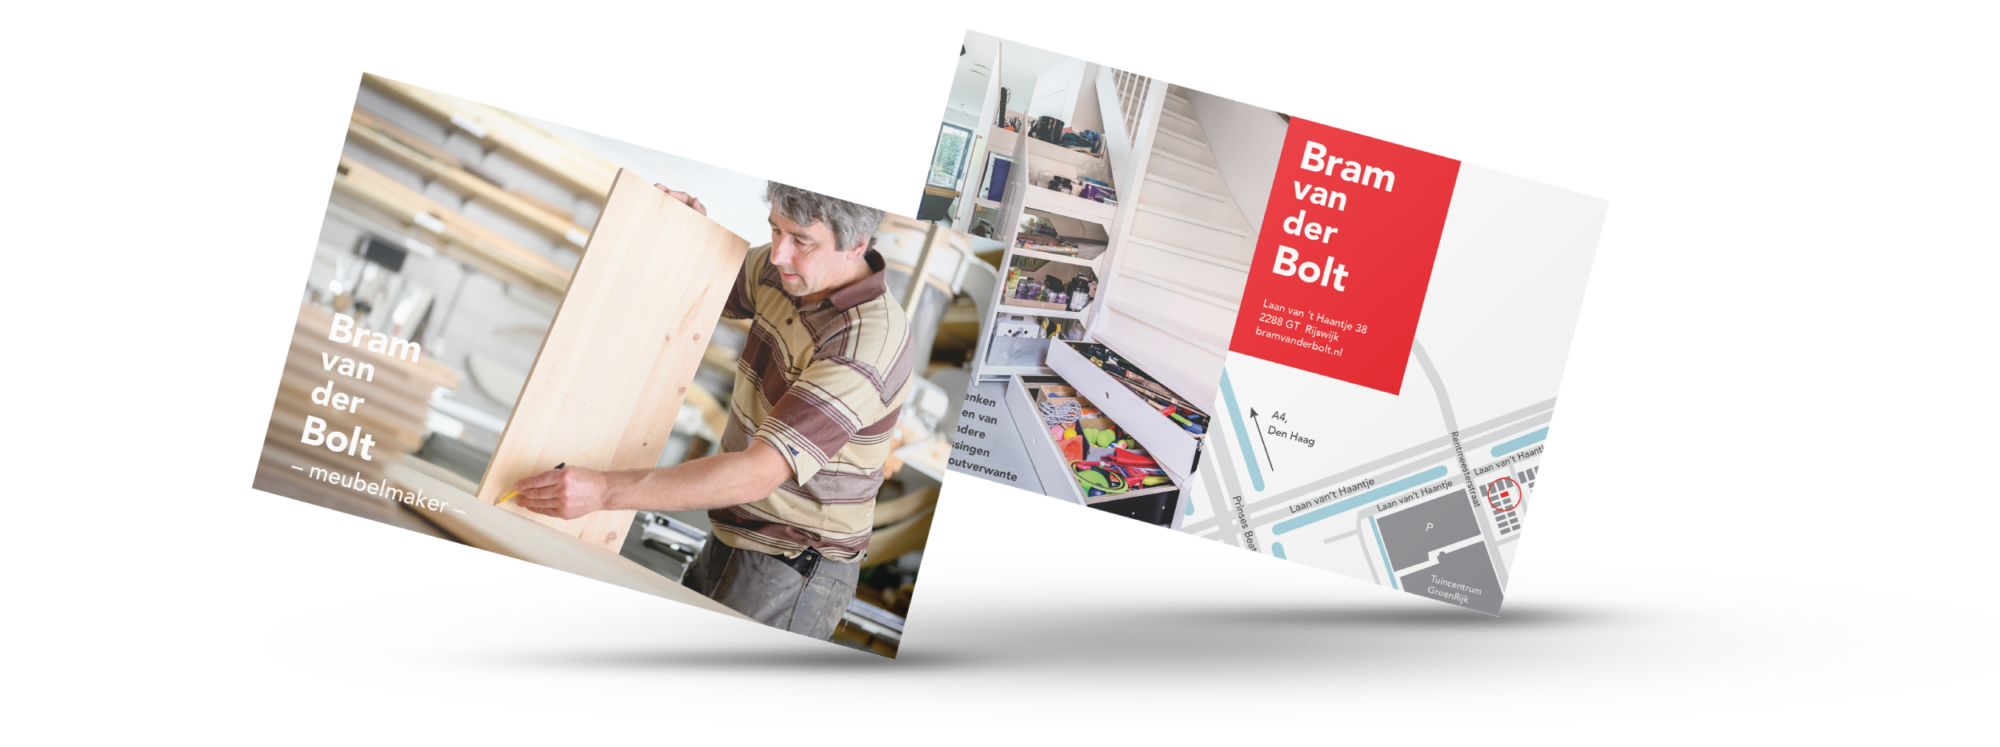 Met een eenvoudige flyer kom je een heel eind als je deze op de juiste plekken weet te verspreiden. Dat deed meubelmaker Bram.